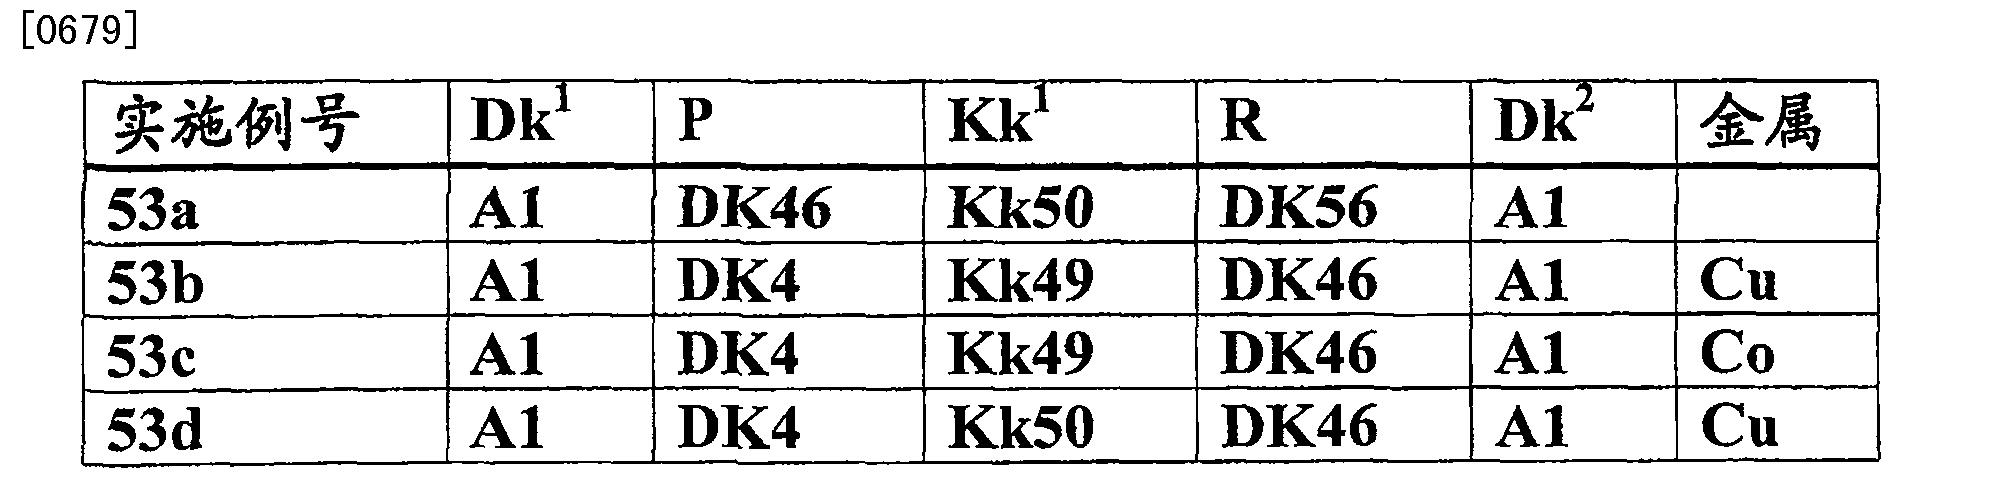 Figure CN101891967BD00852